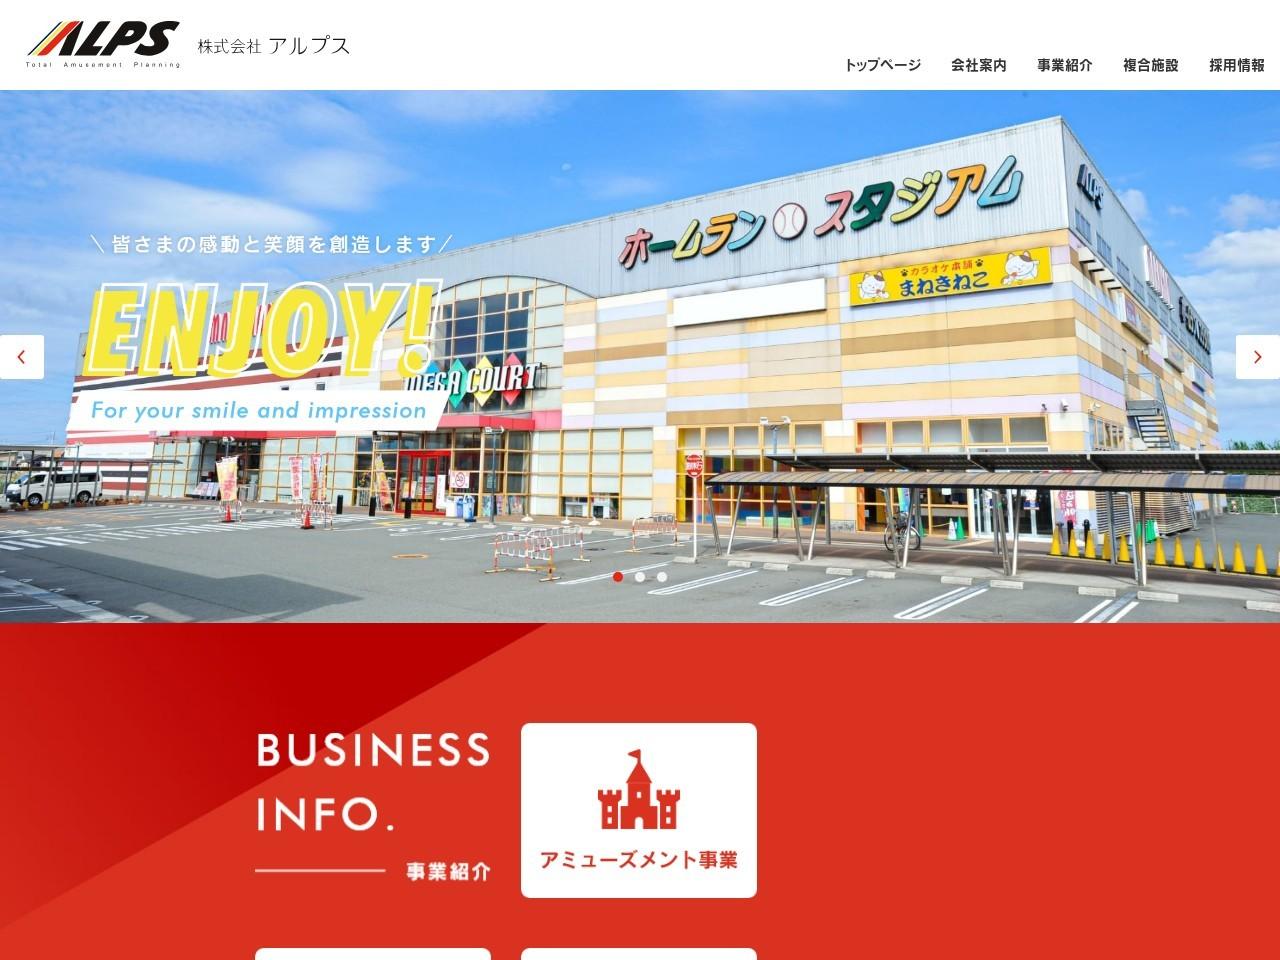 株式会社アルプス│ゲームセンター|バッティングセンター運営|兵庫県神戸市